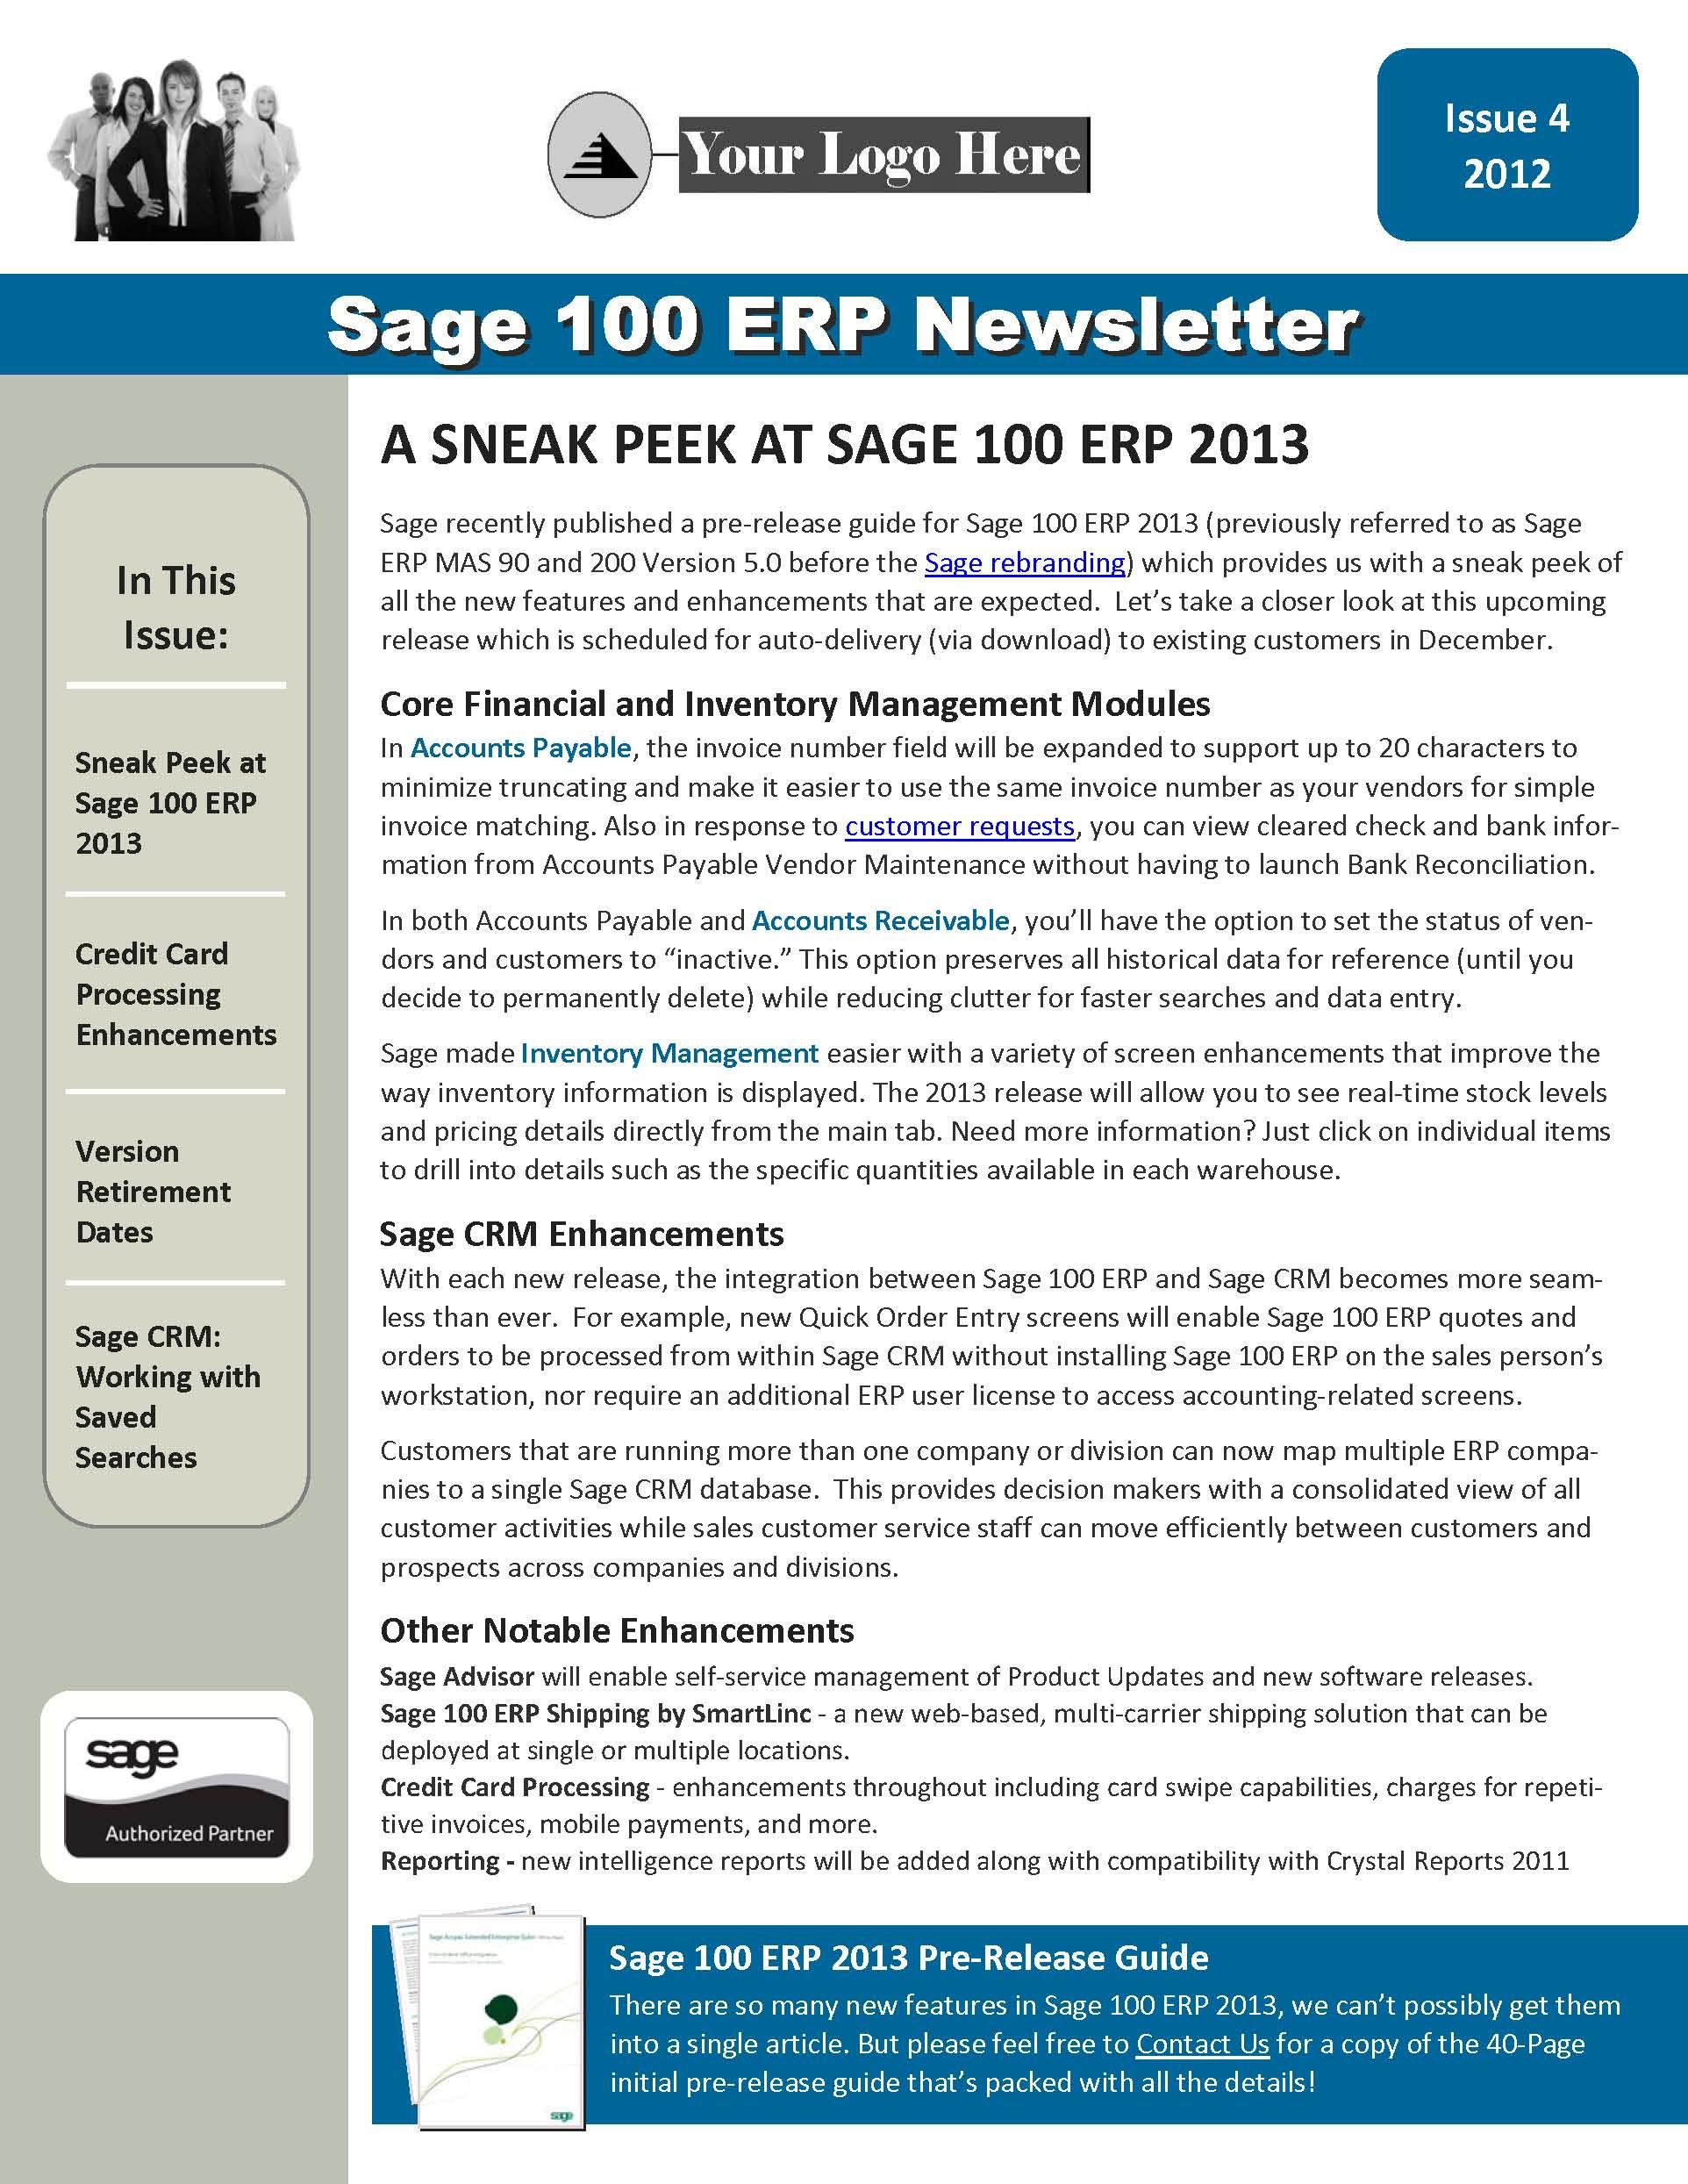 Sage 100 ERP Newsletter - Q3 2012